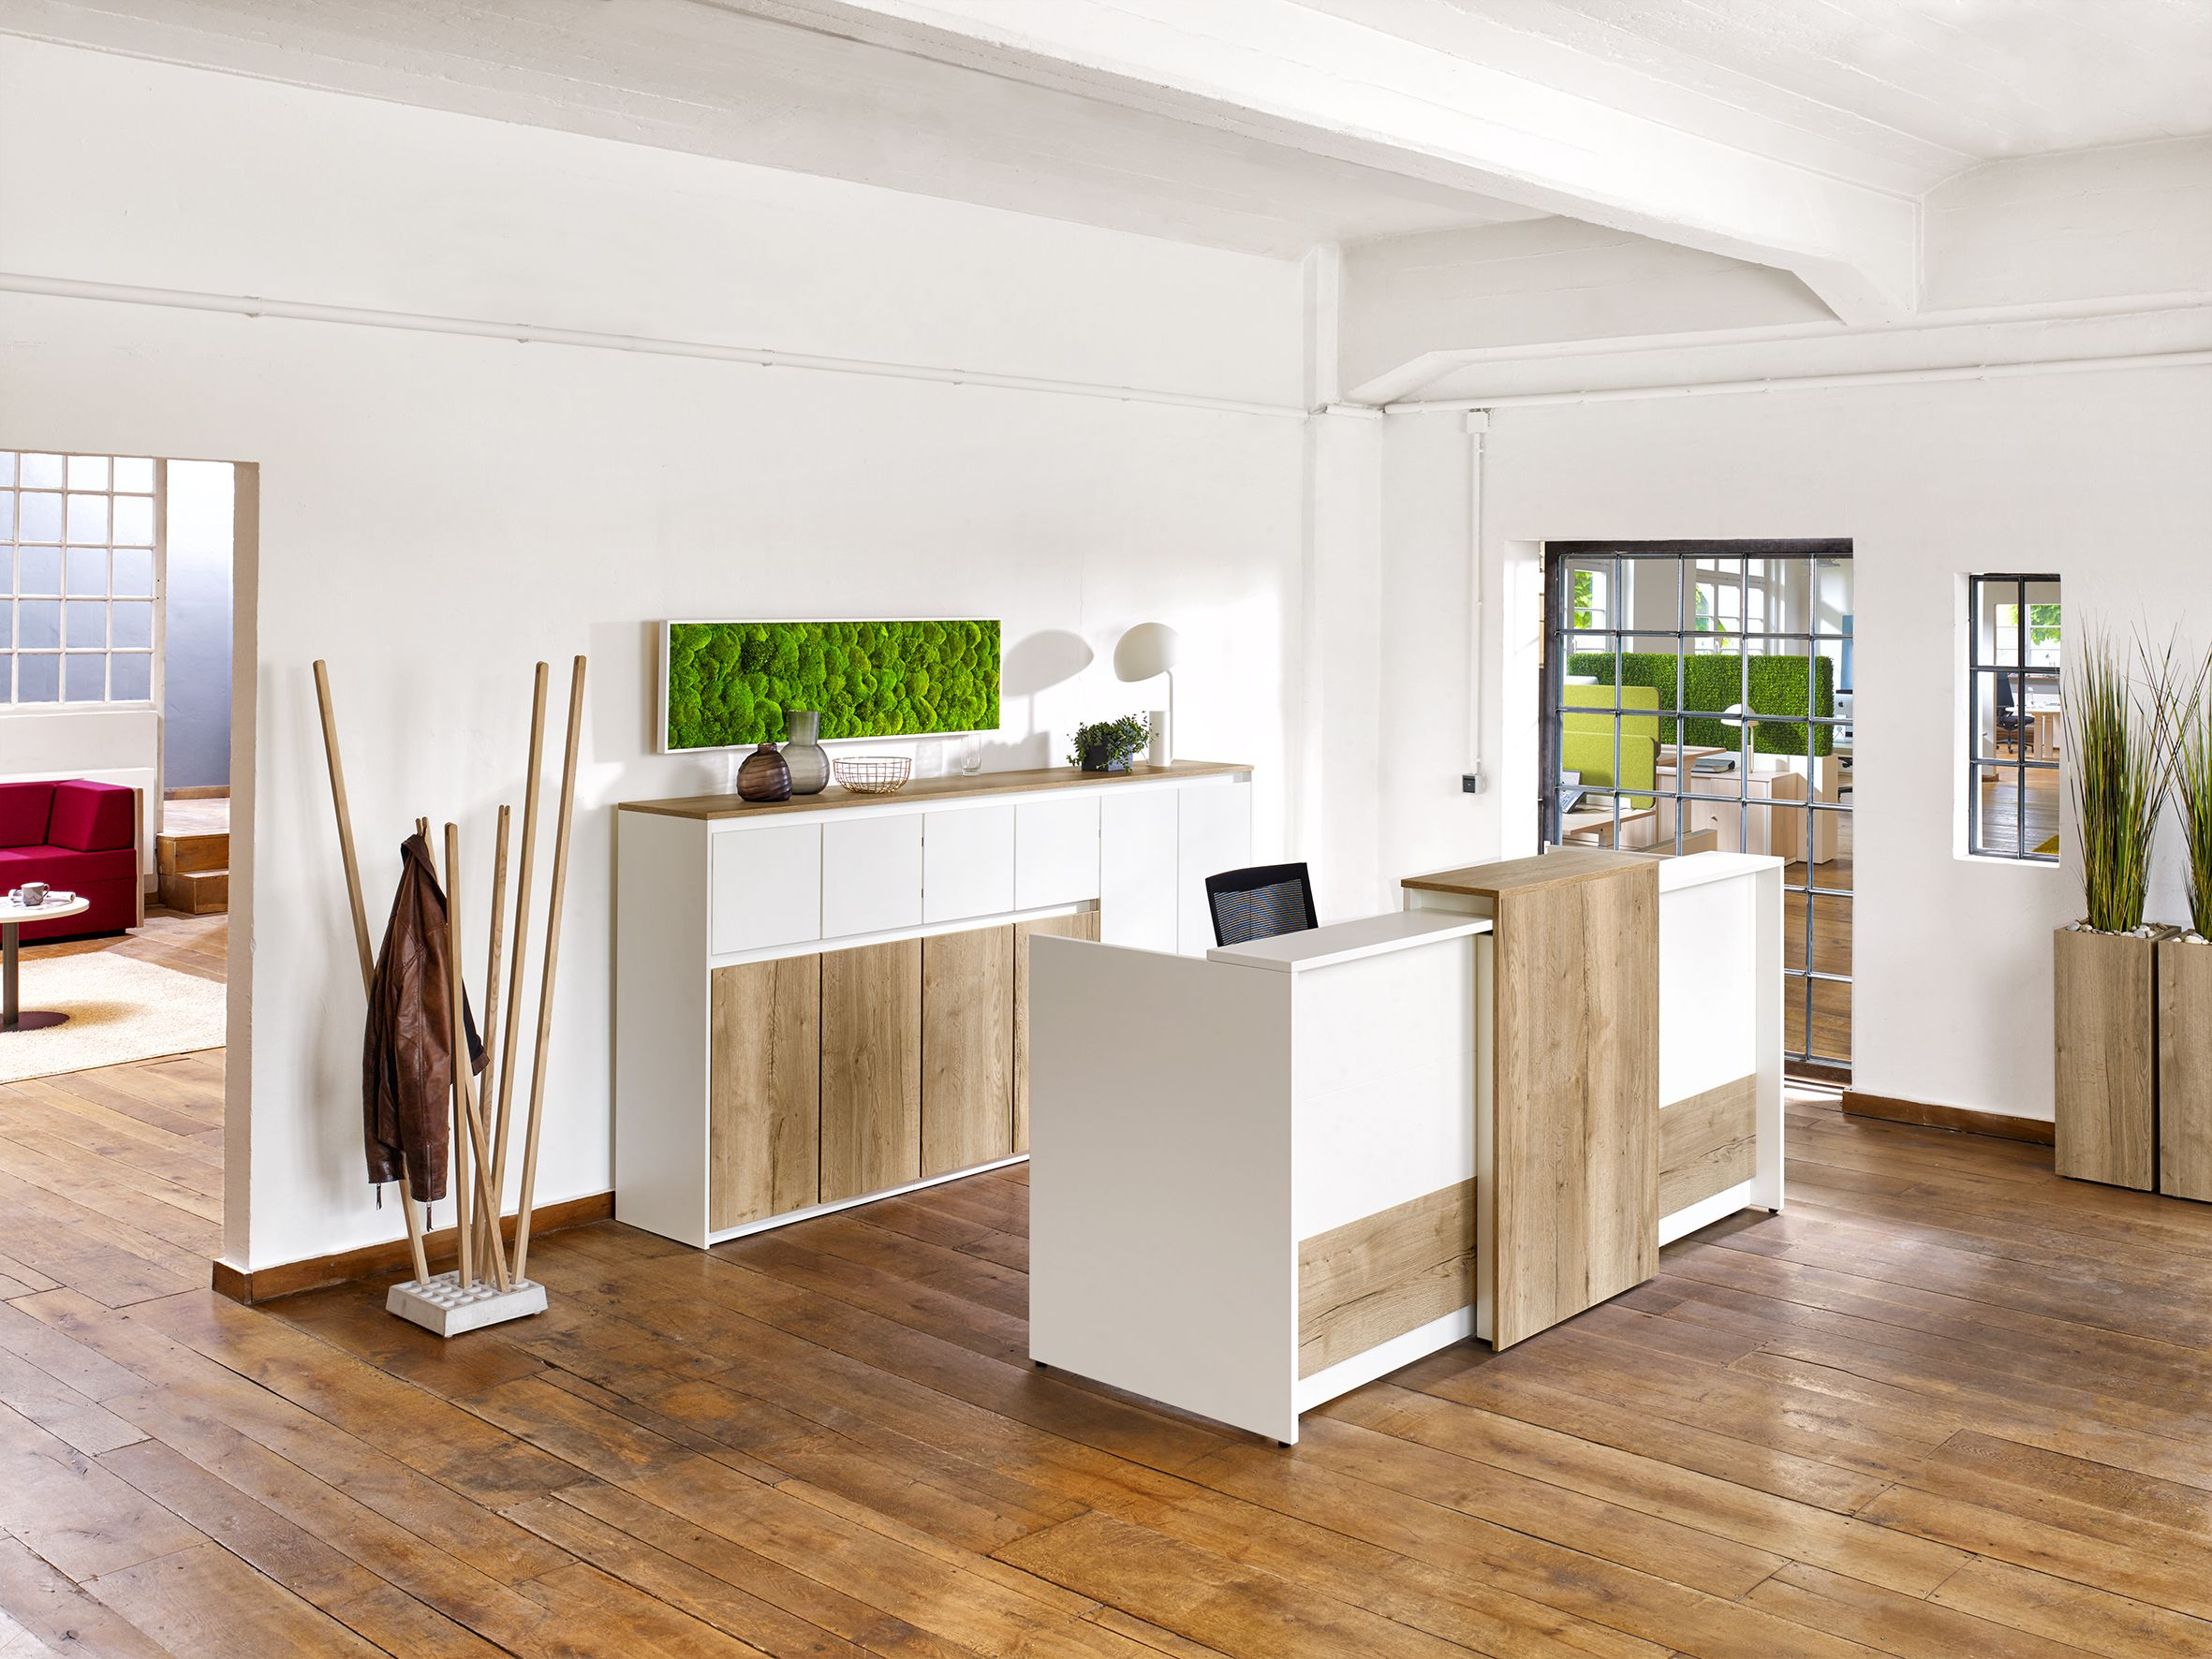 Schrank Purline Von Febru Modernes Design Grifflose Asthetik